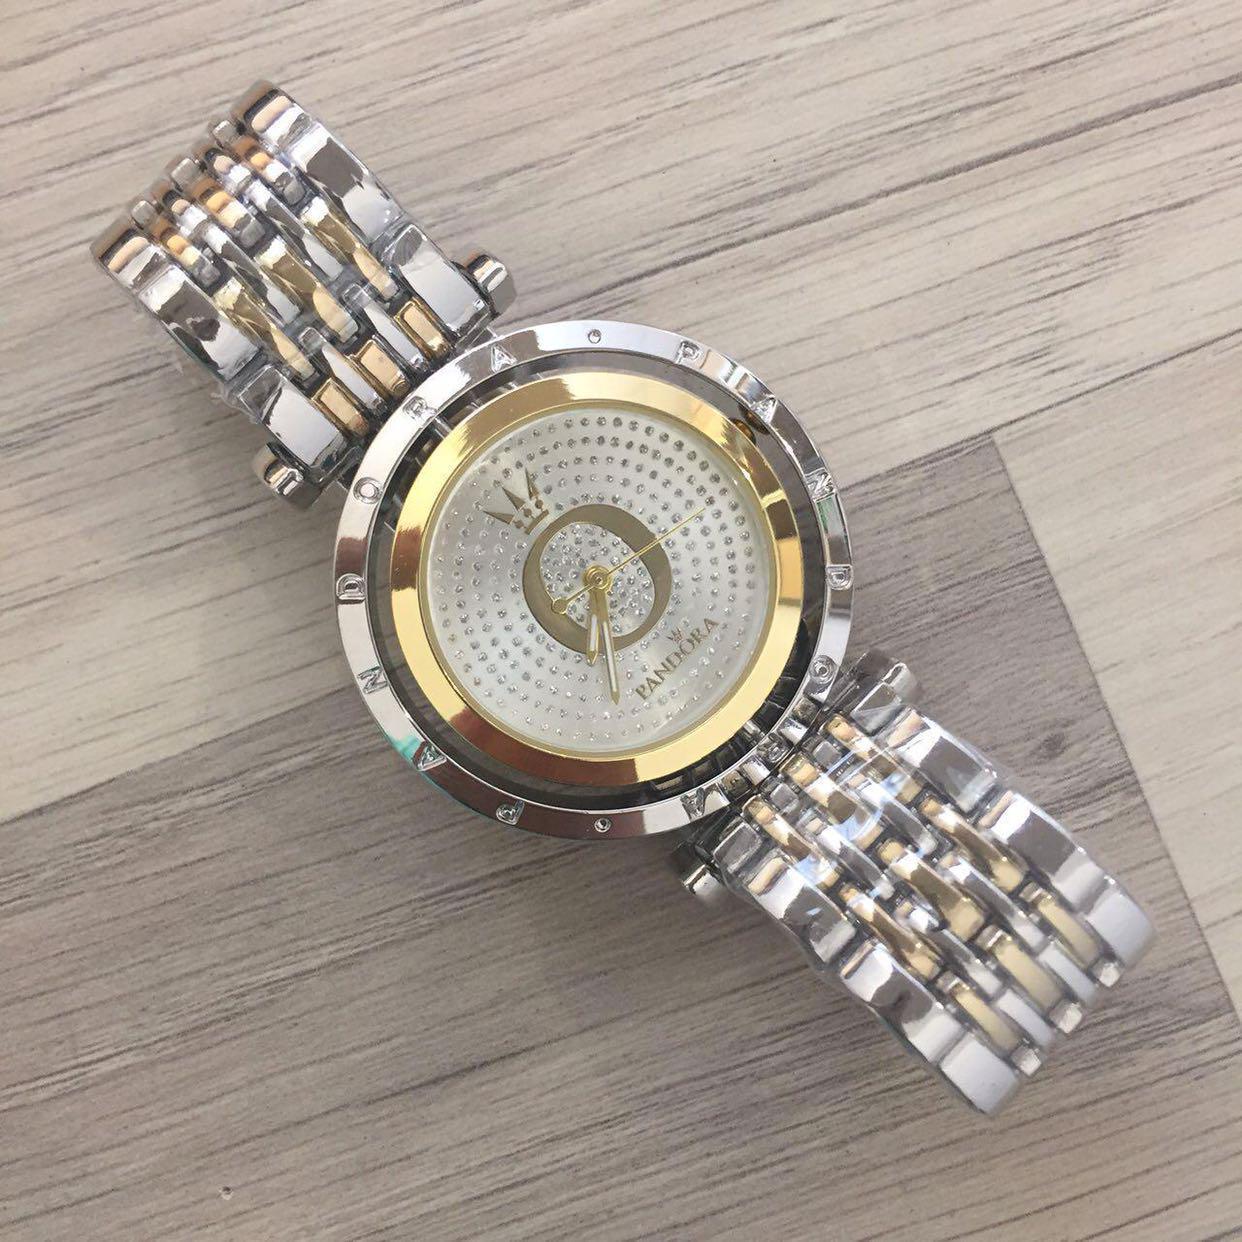 0a3aecc78cc1 Женские наручные часы Pandora (Пандора), серебристо - золотой корпус и  белый циферблат